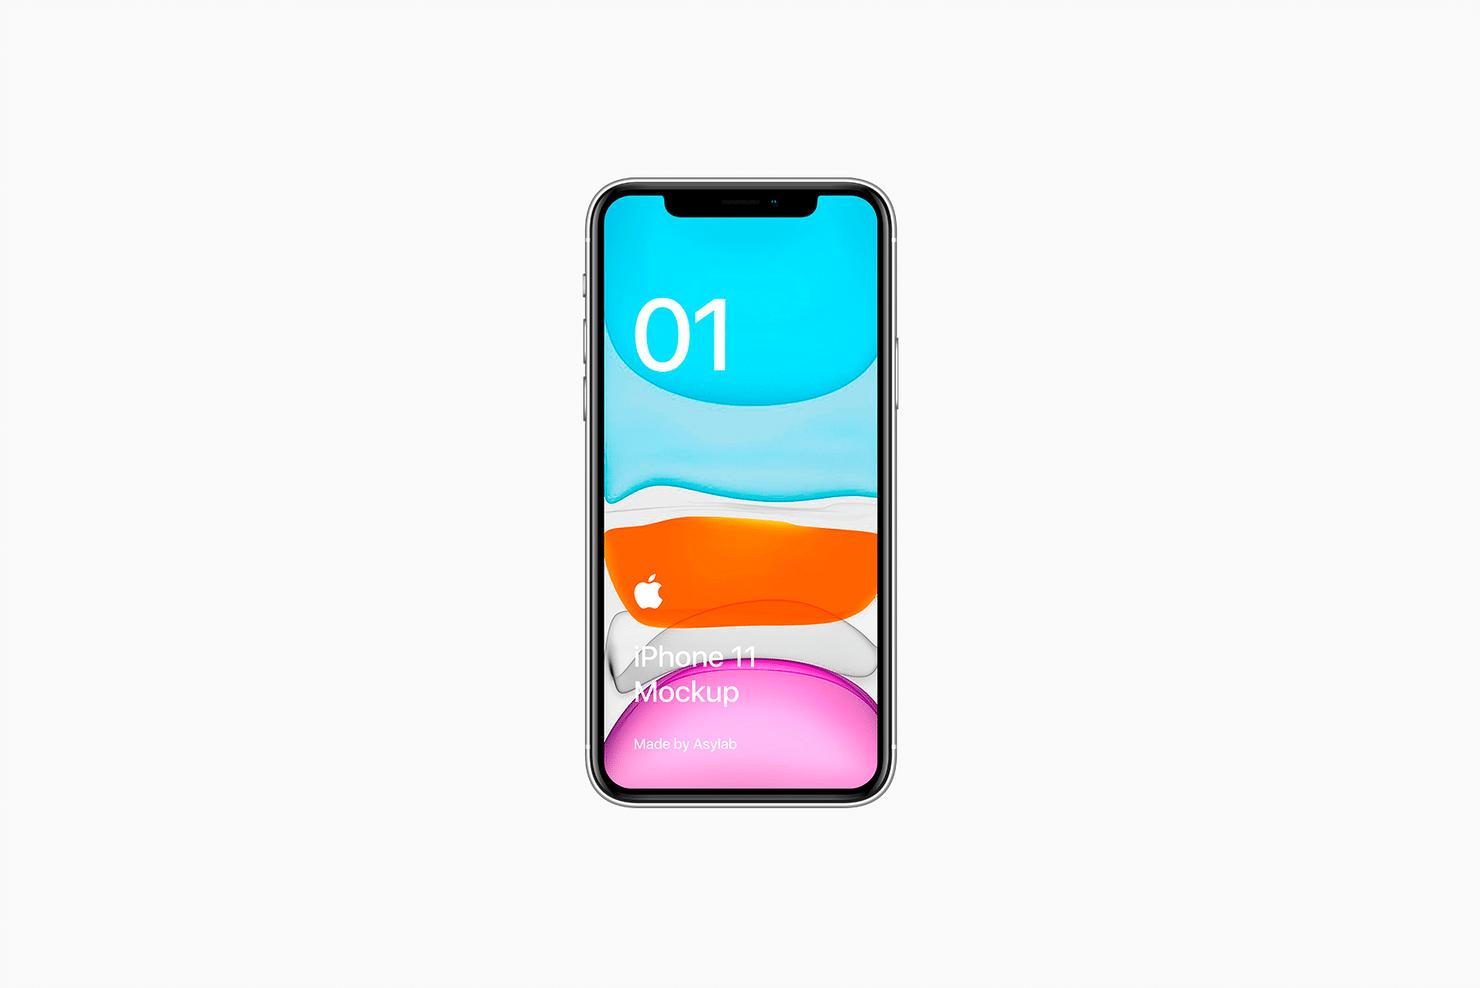 全新iPhone 11手机屏幕界面演示样机PSD模板 iPhone 11 Mockup PSD插图(1)